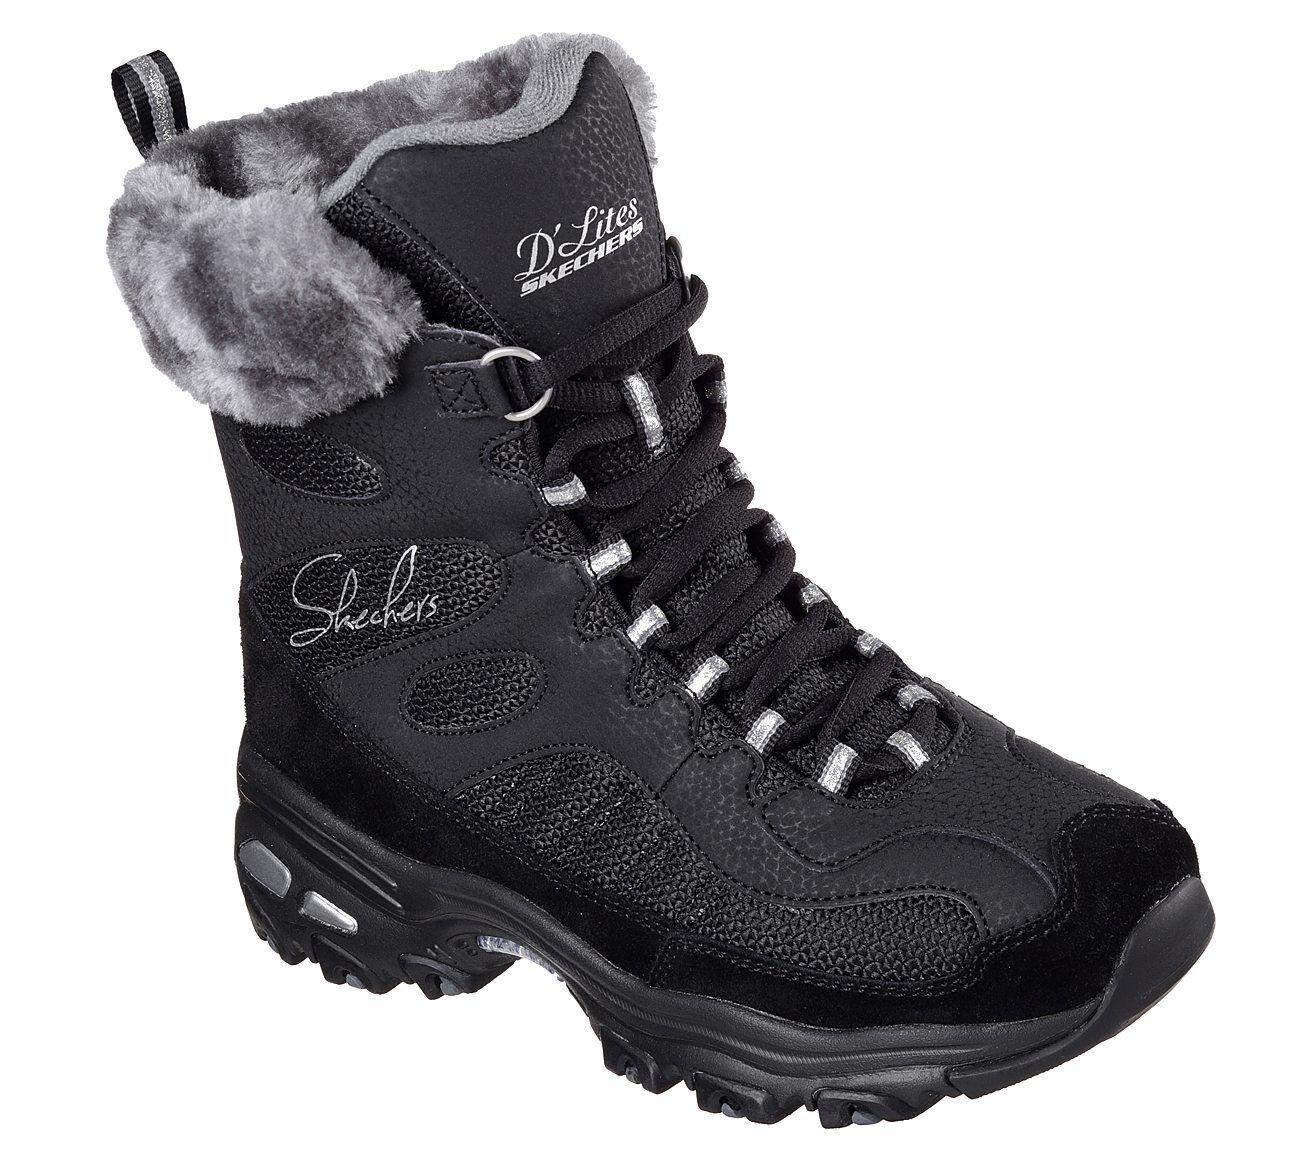 Skechers Winter D'Lites - Chalet Stiefel Damenschuhe Waterproof Winter Skechers Fur Lined Sneaker 48816 53dd44